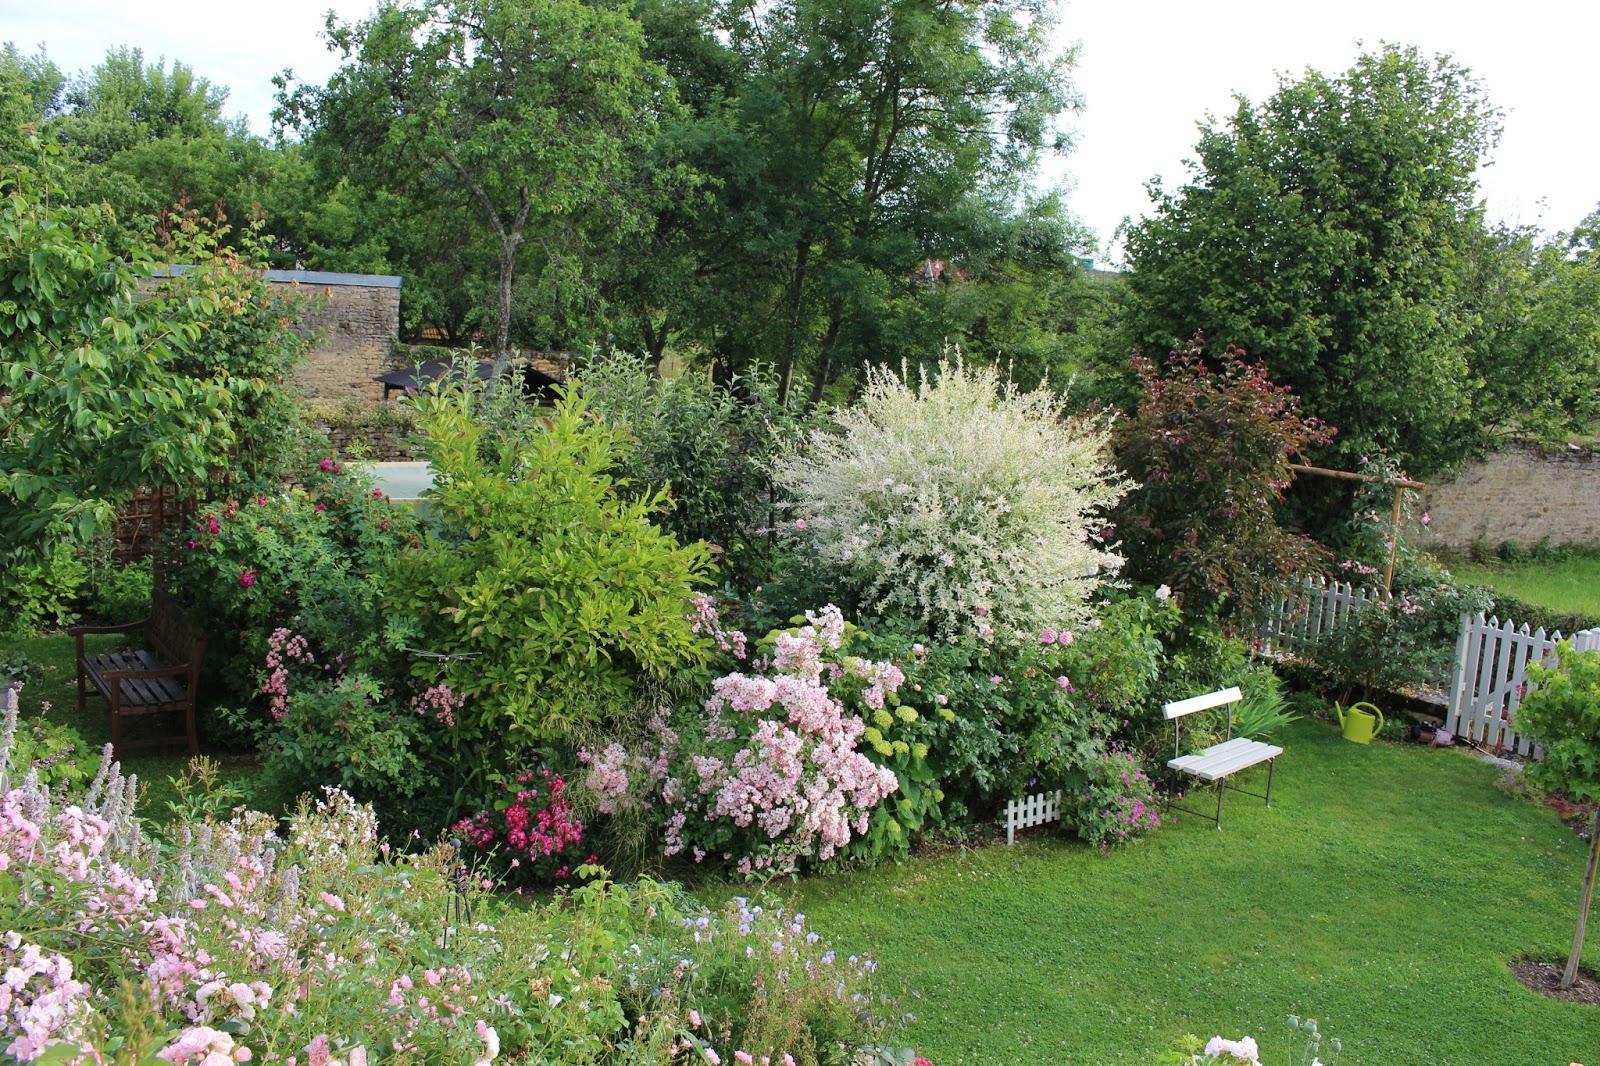 Notre jardin secret juin 2015 for Jardin lune juin 2015